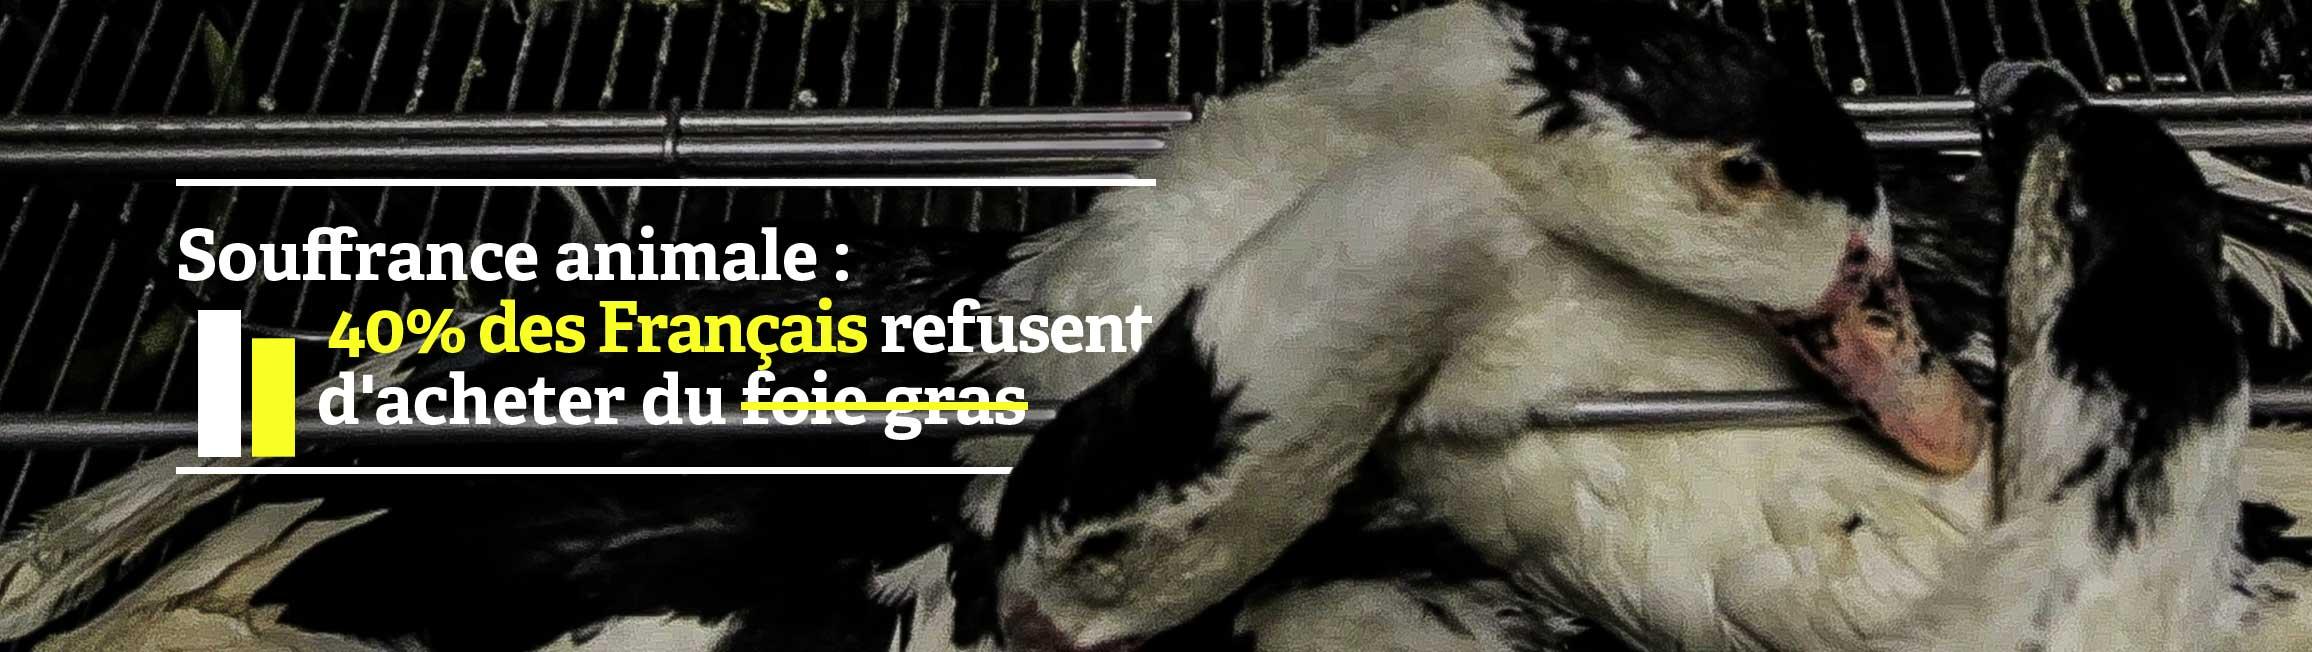 40% des Français refusent d'acheter du foie gras